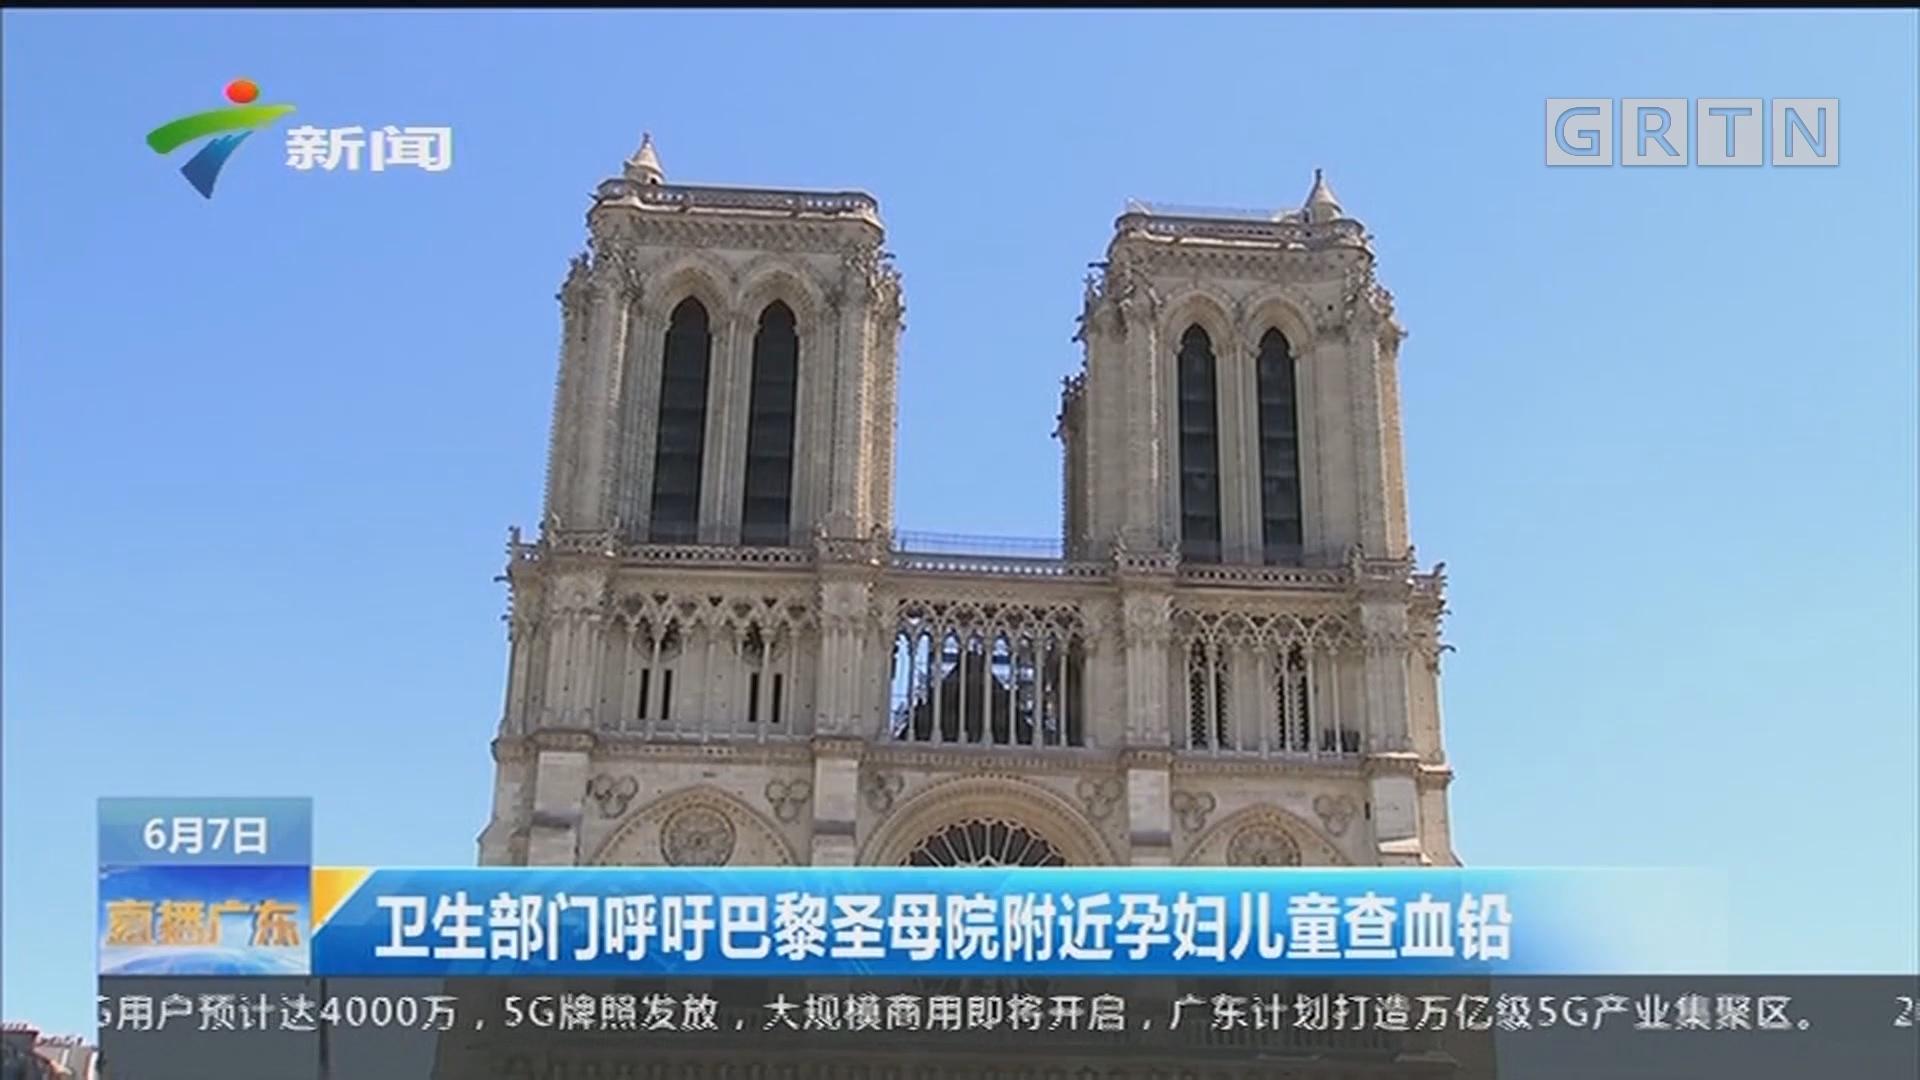 卫生部门呼吁巴黎圣母院附近孕妇儿童查血铅